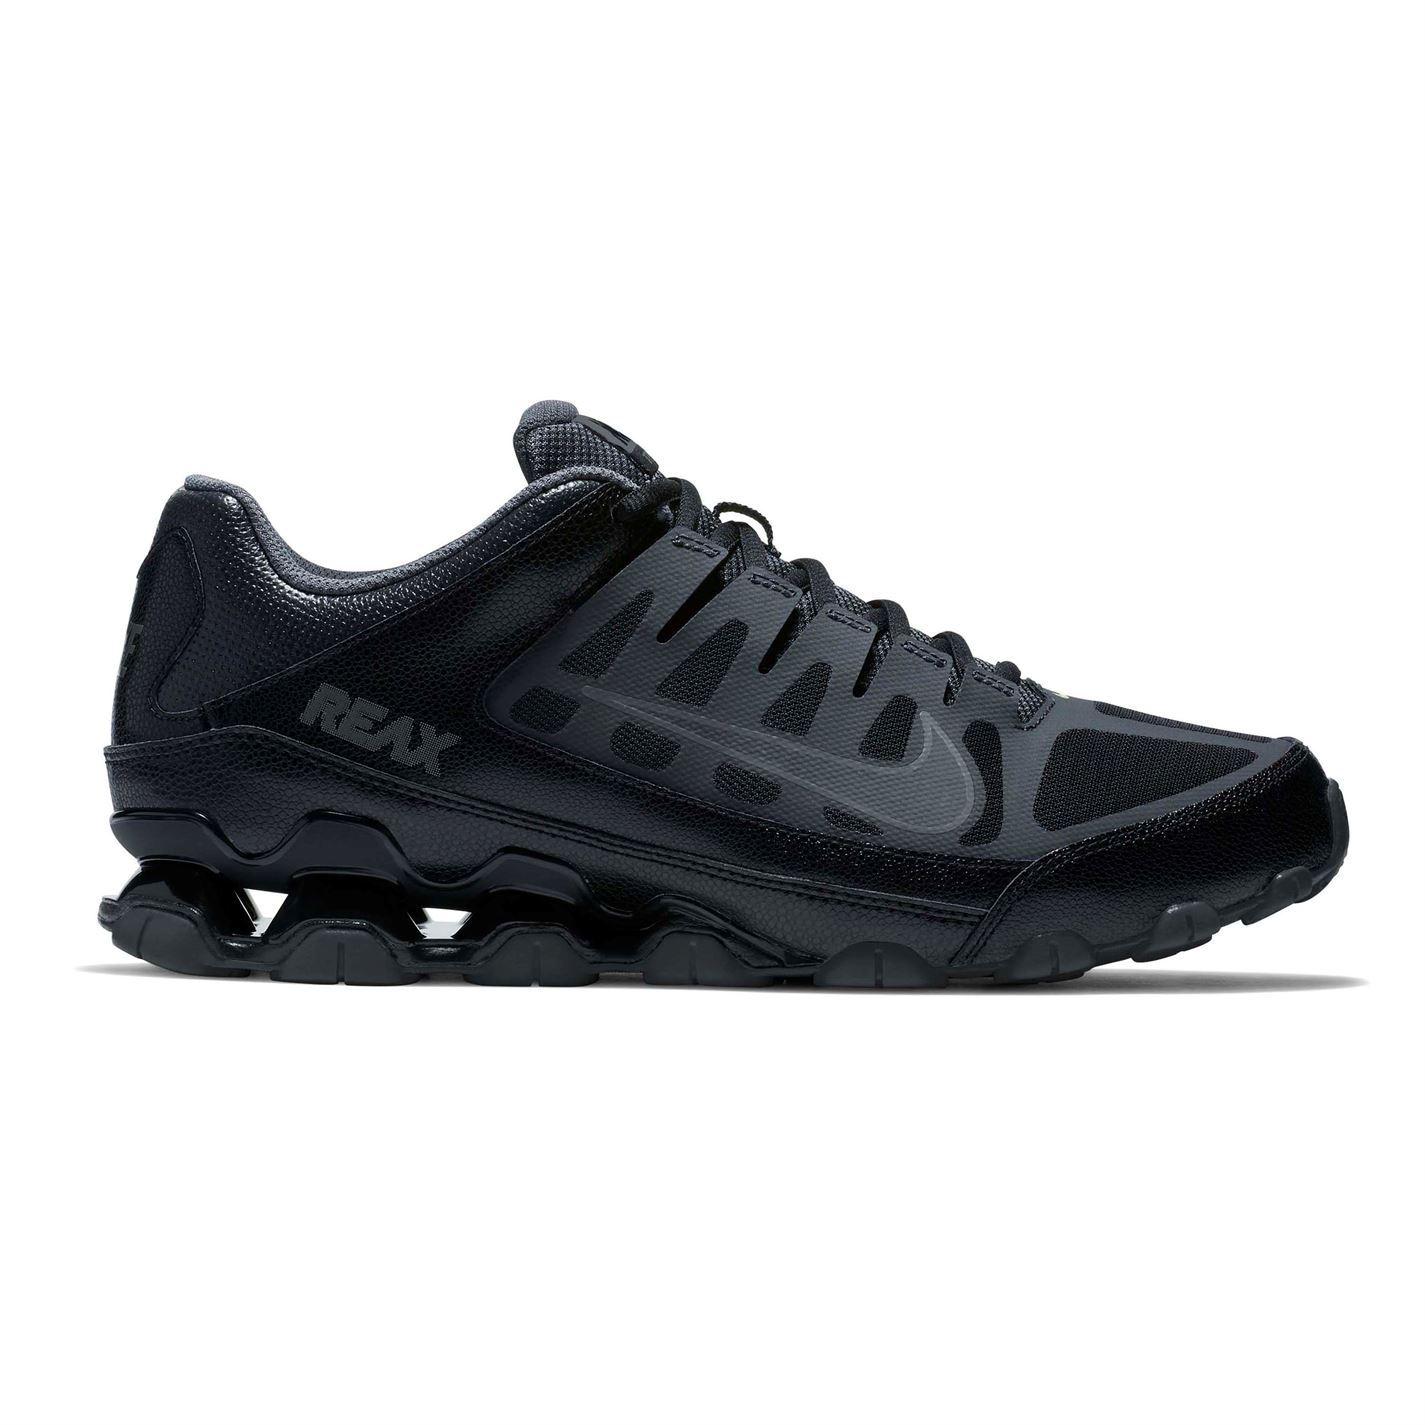 Dettagli su Nike Reax 8 Rete Allenamento Scarpe Uomo Palestra Fitness Sportive da Ginnastica